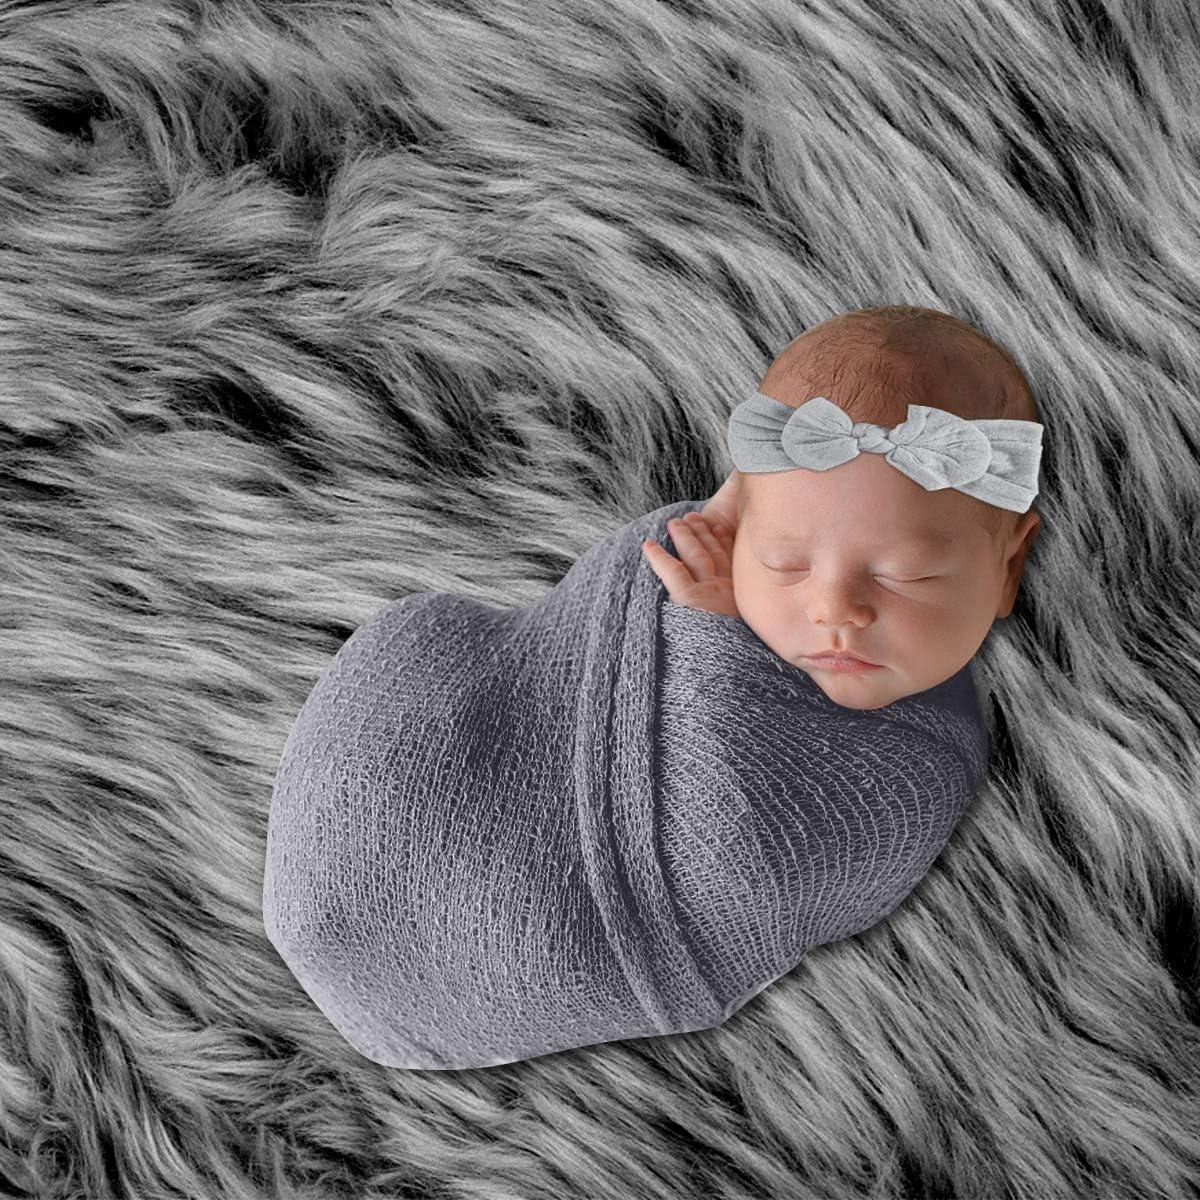 alfombrilla para ni/ños y ni/ñas gris gris manta para fotograf/ía de reci/én nacido manta para fotograf/ía de reci/én nacido DaMohony Juego de accesorios para fotos de beb/é